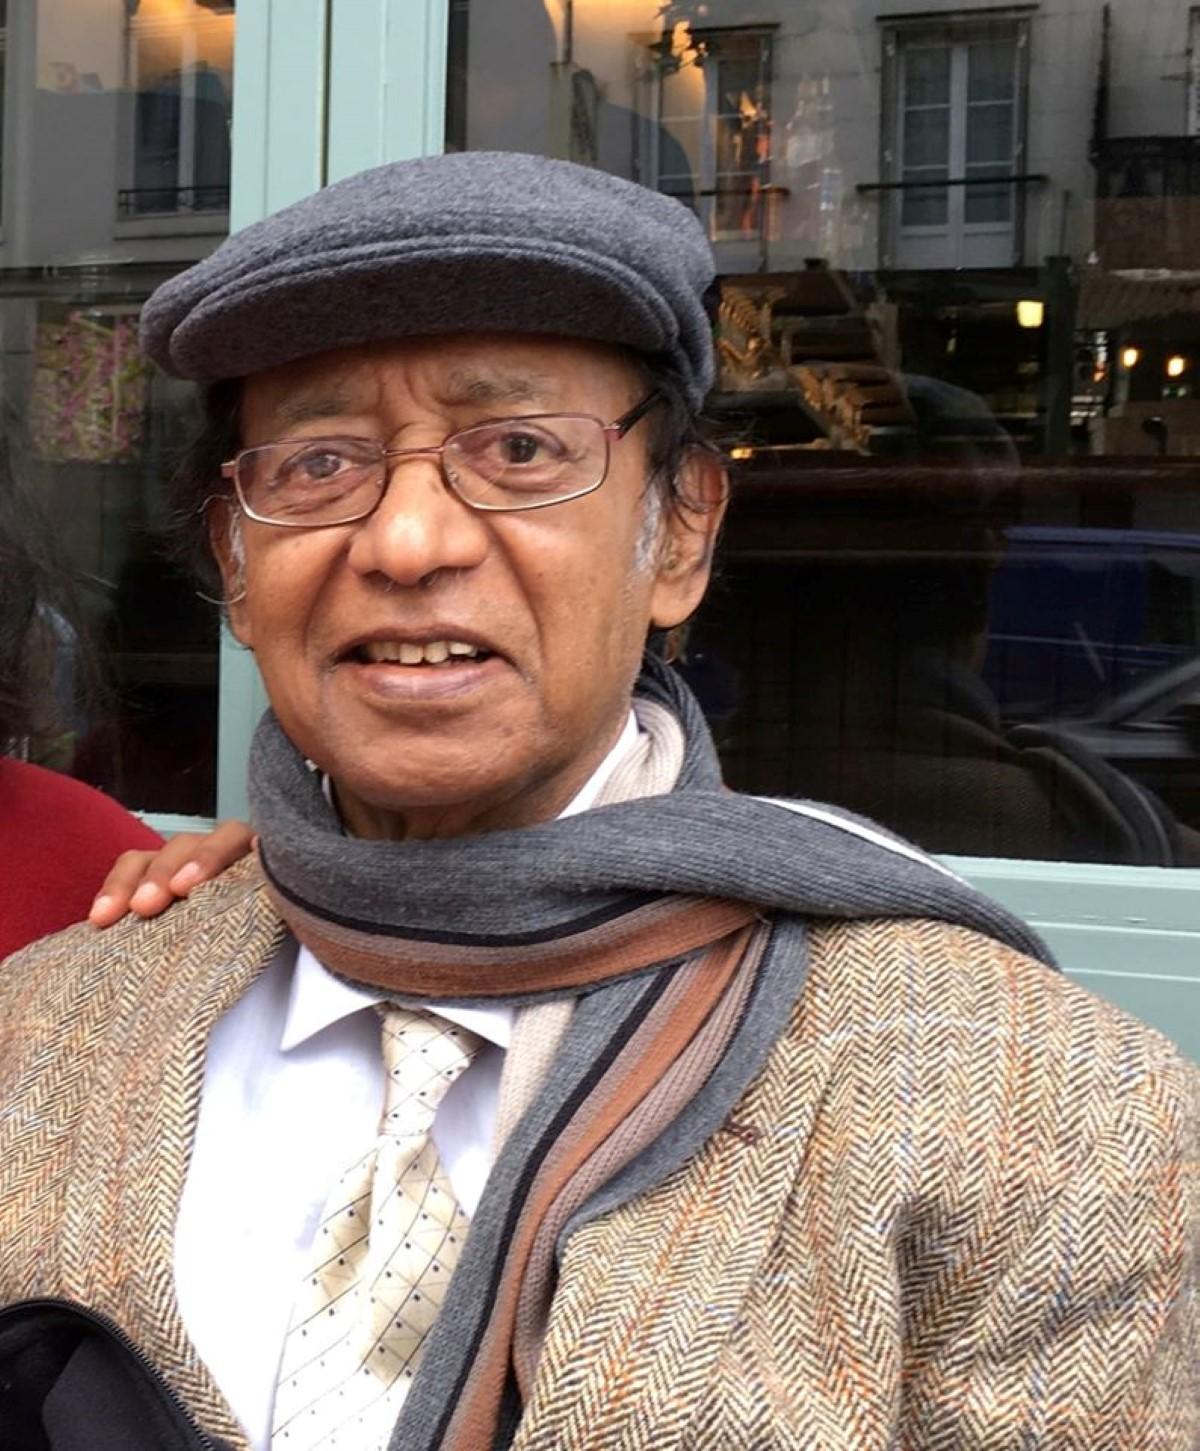 L'hommage de Dev Sunnasy à son oncle, le Professeur Soorianarain Baligadoo